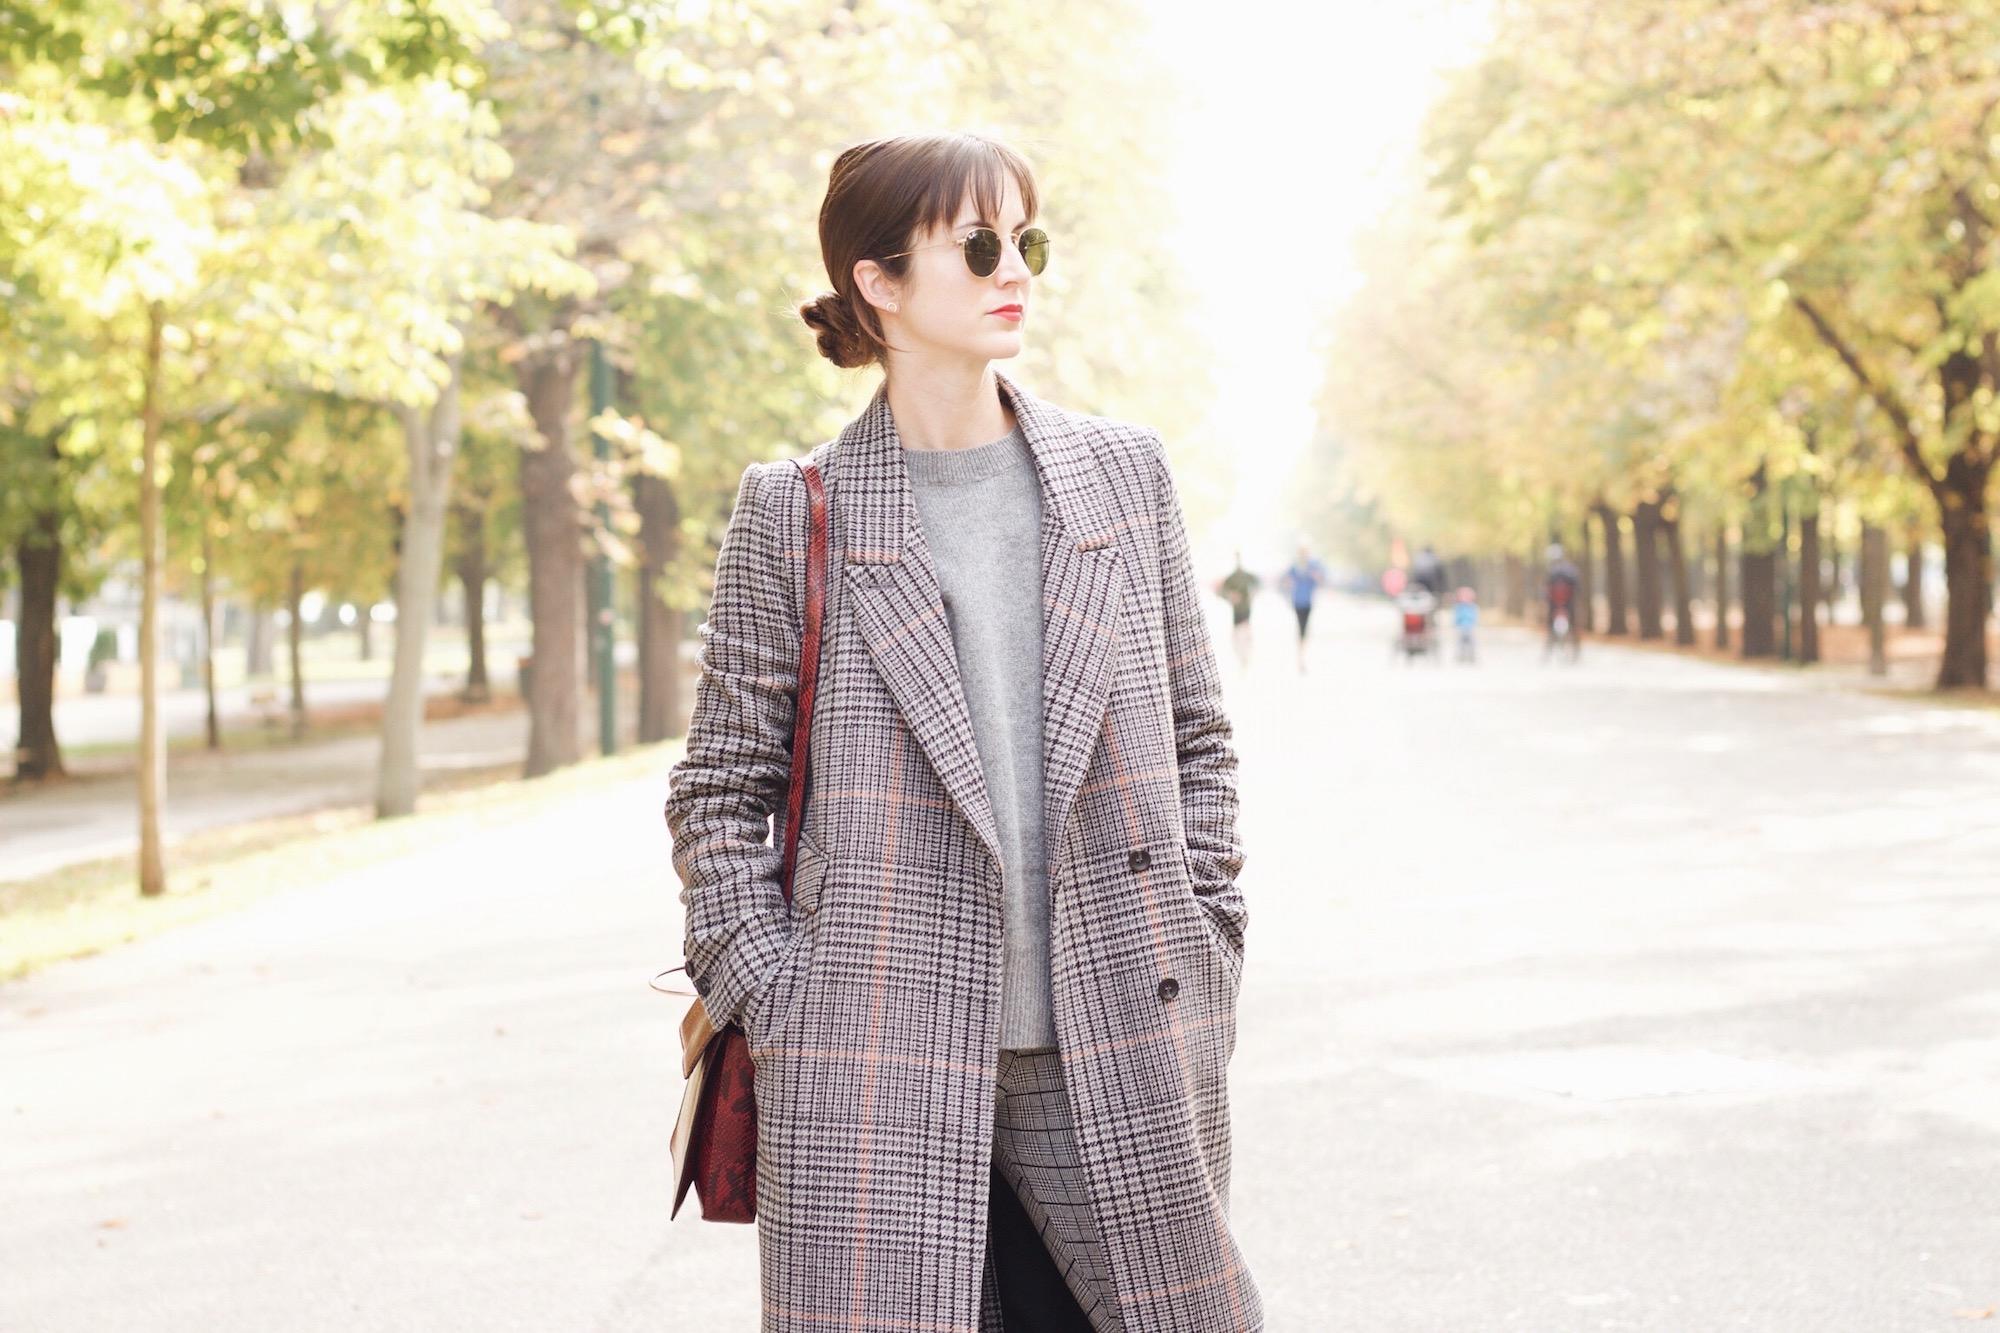 Mein neuer Mantel von H&M im Karomuster heute auf meinem Modeblog